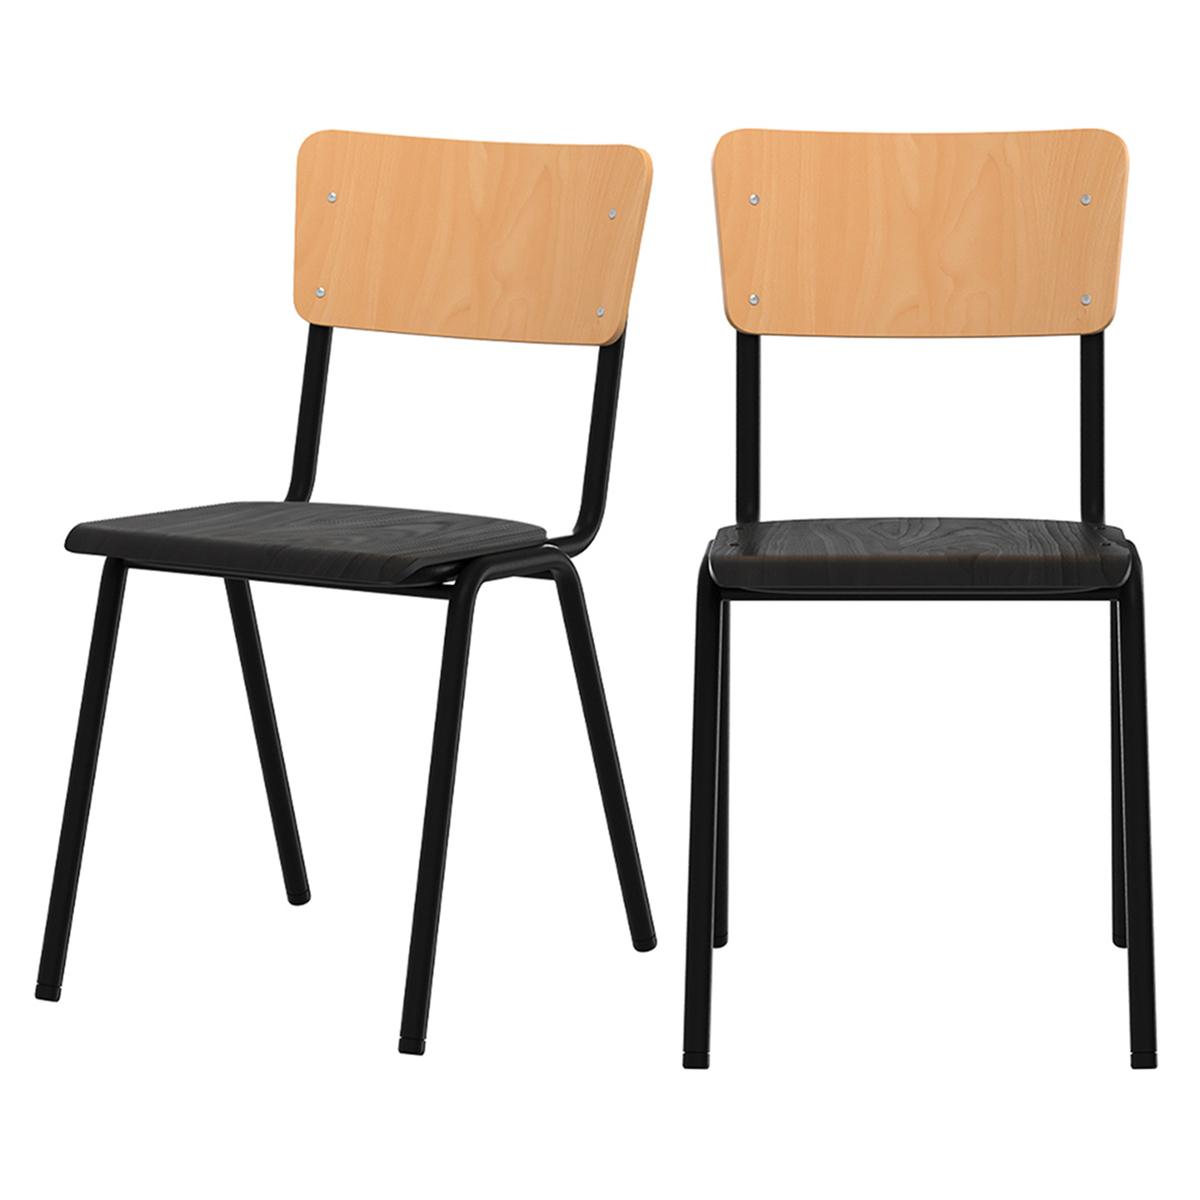 Chaise écolier en bois noir et pieds en métal (lot de 2)